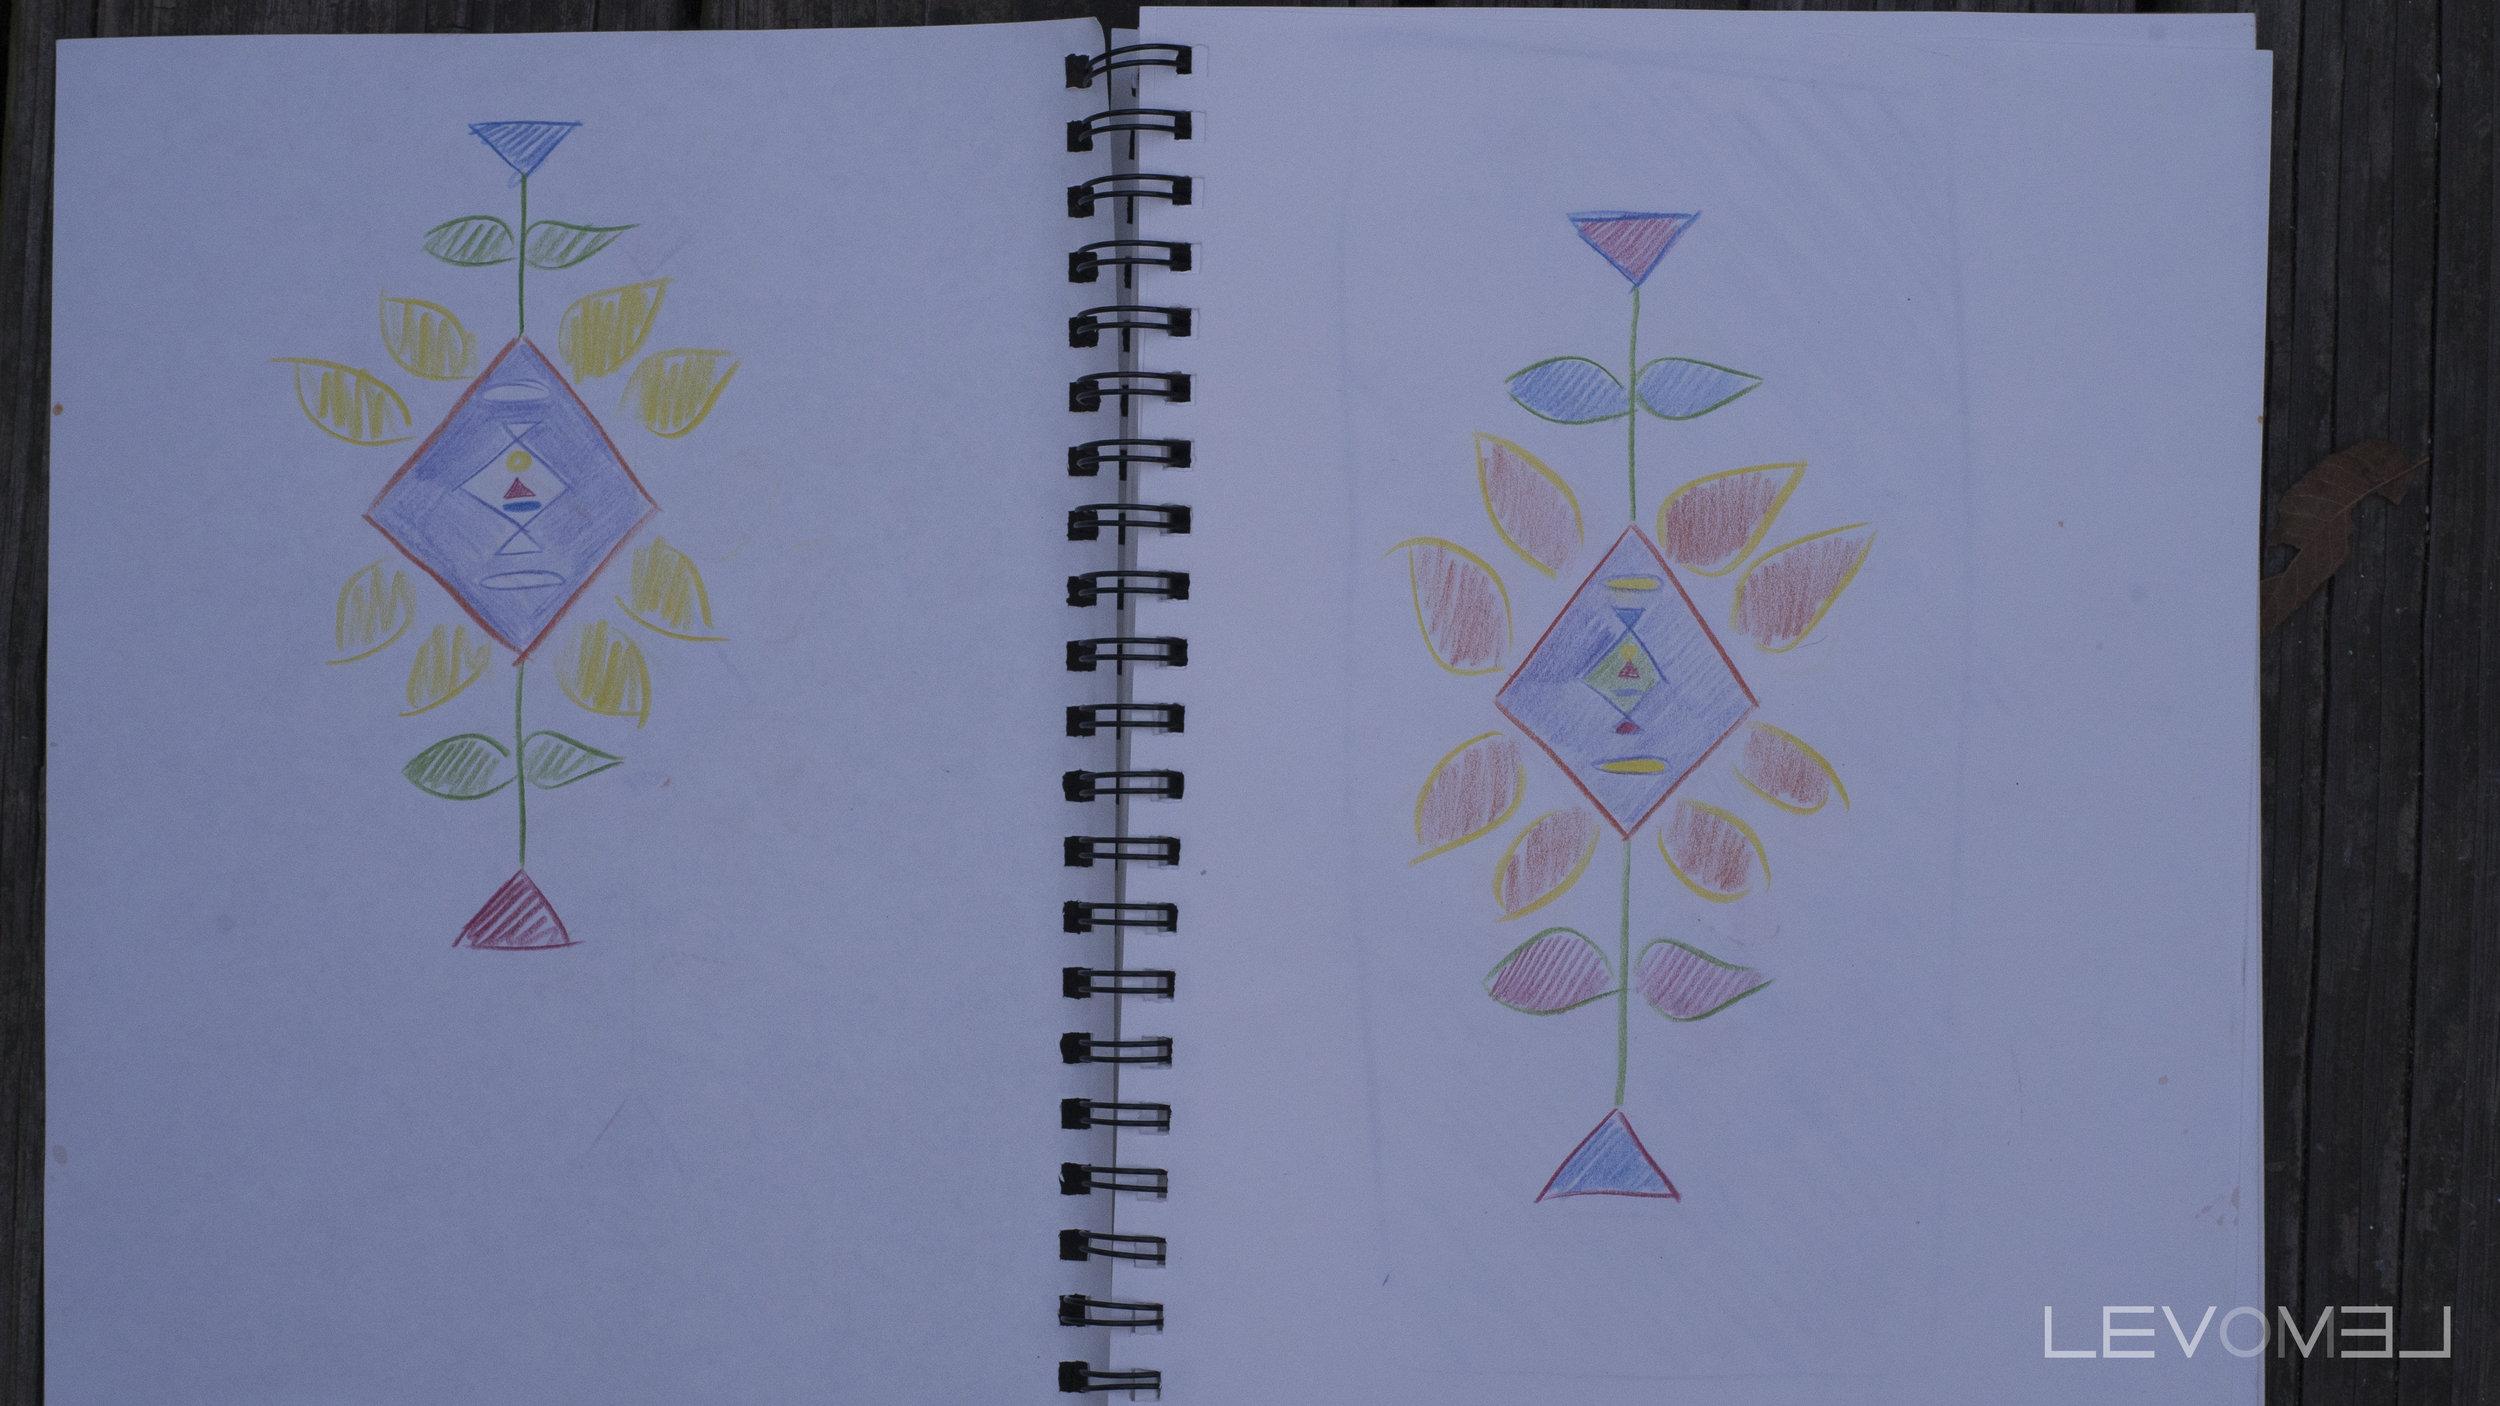 mural_sketch5.jpg